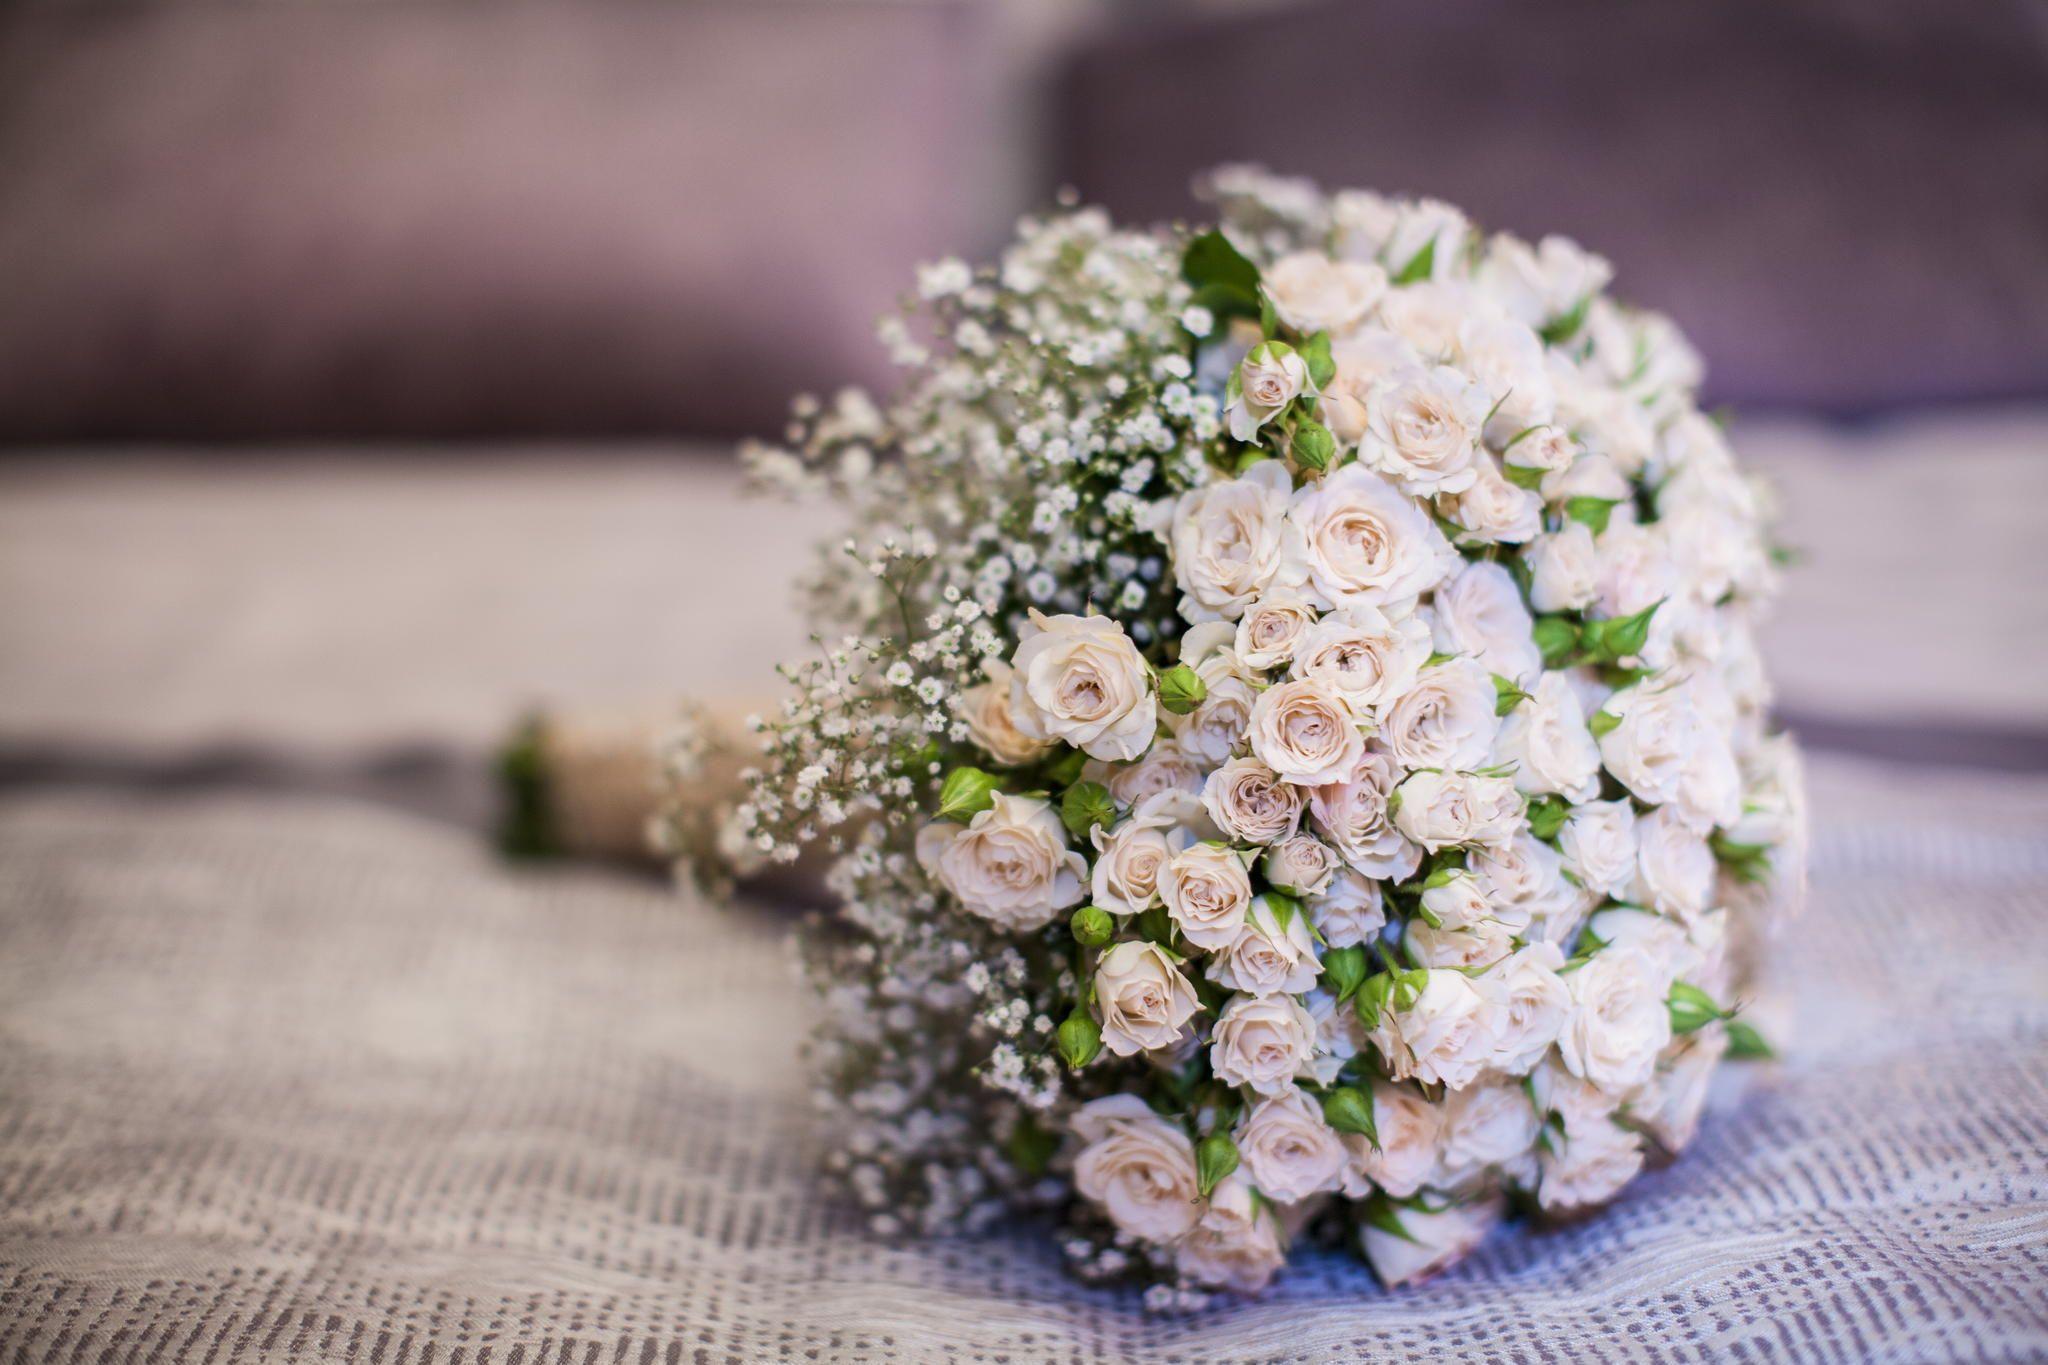 Цветов, свадебные букеты из роз и гипсофилы